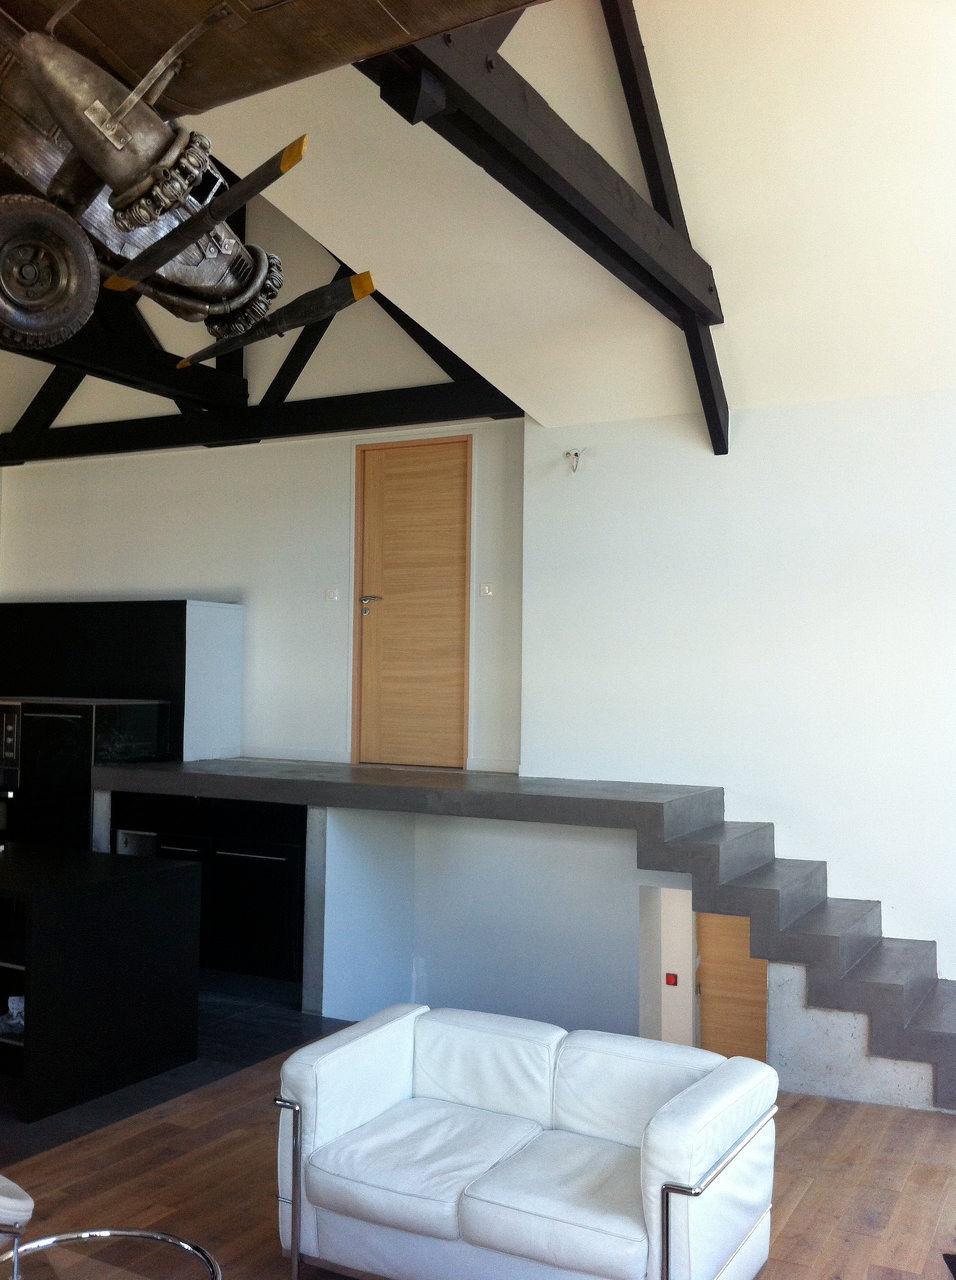 elen b design conception et r alisation de rev tement en r sine et b ton. Black Bedroom Furniture Sets. Home Design Ideas